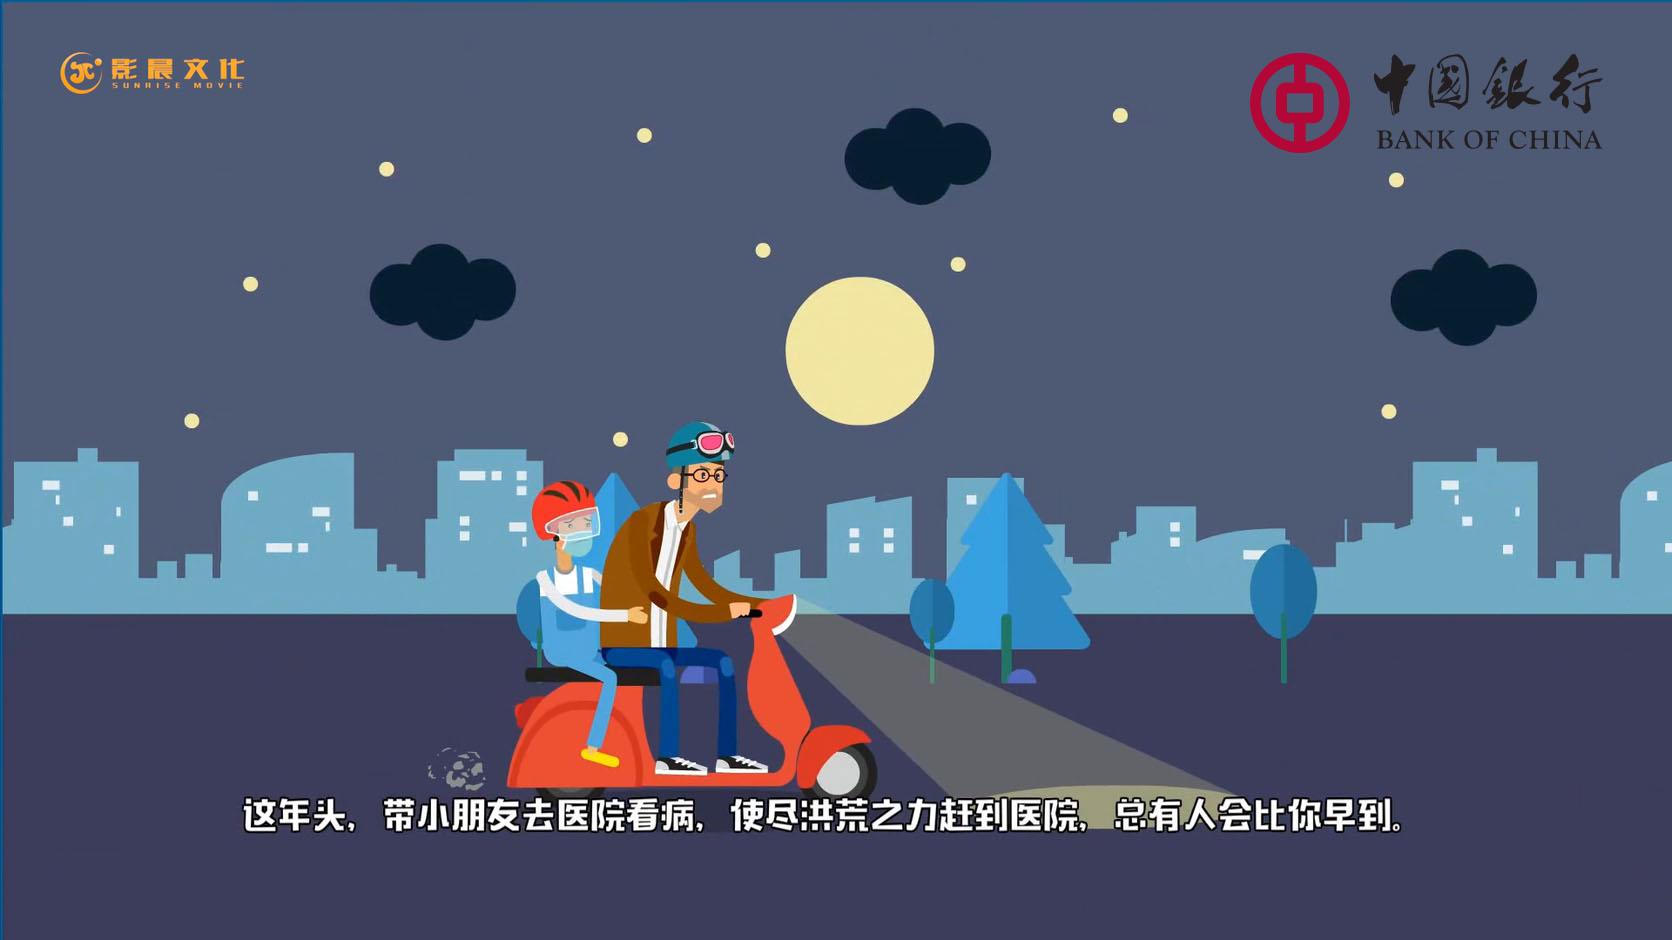 中国银行宣传MG动画制作案例